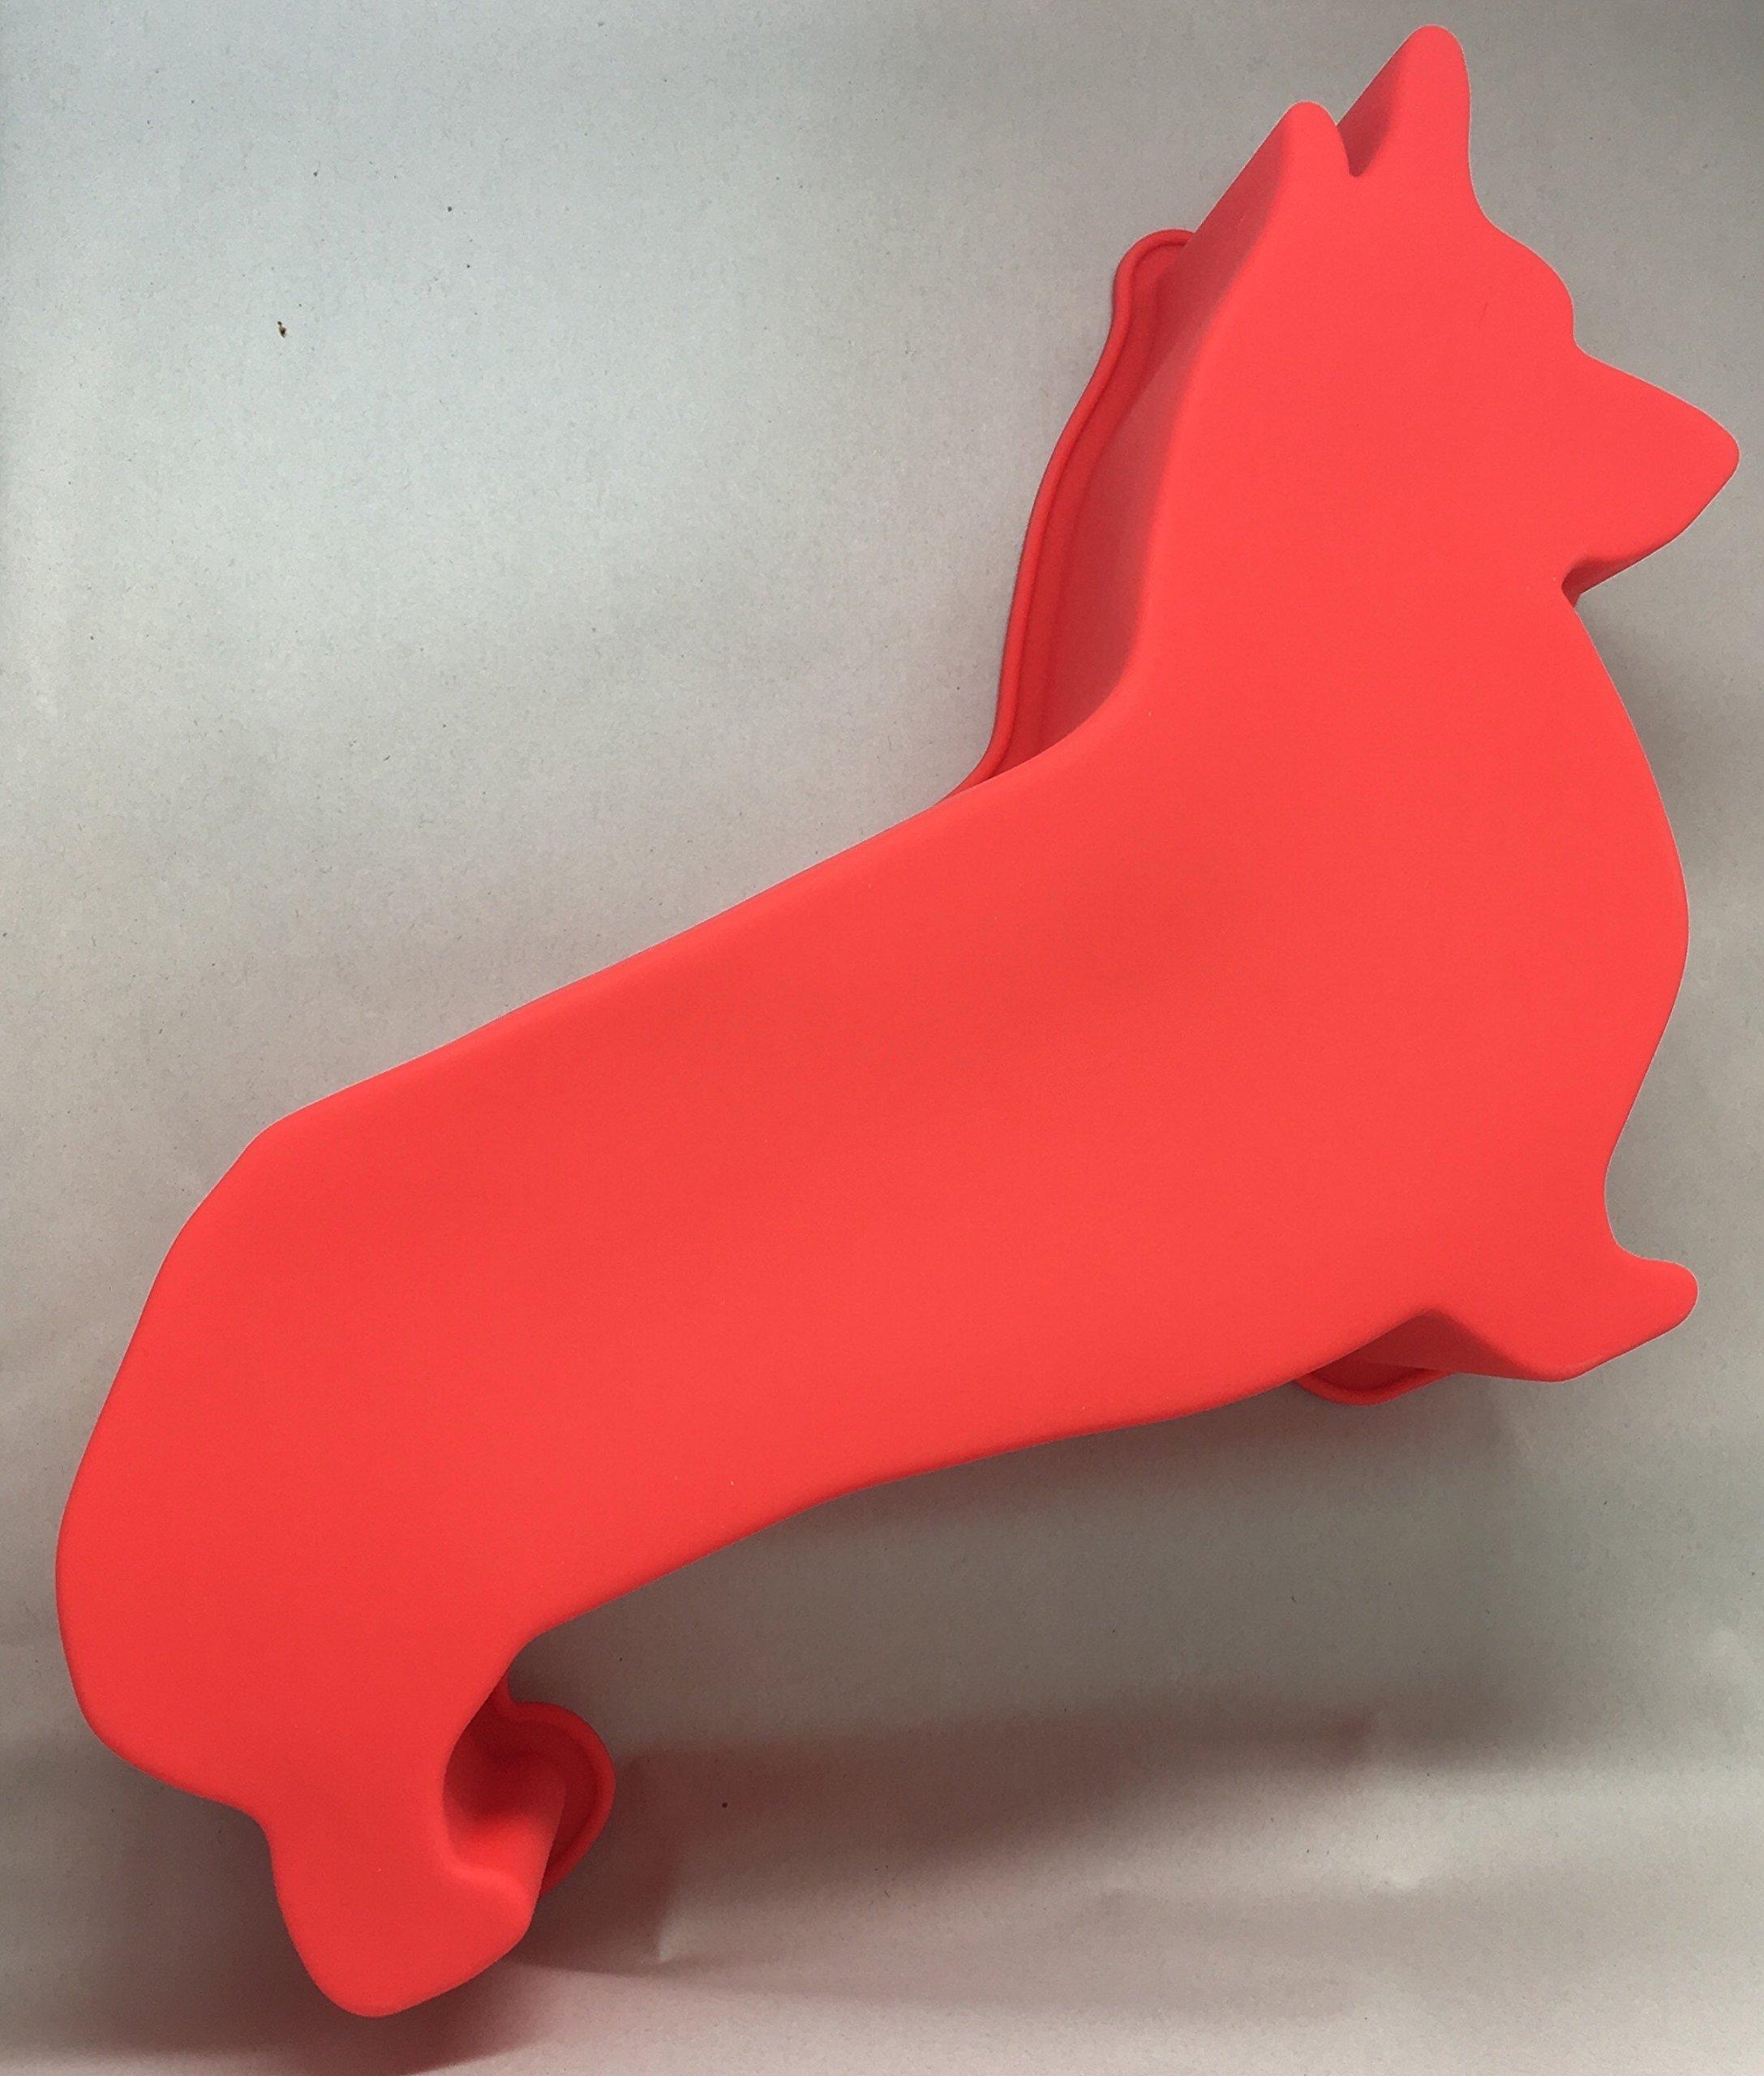 Corgi Dog Birthday Cake Pan Silicone Large Red